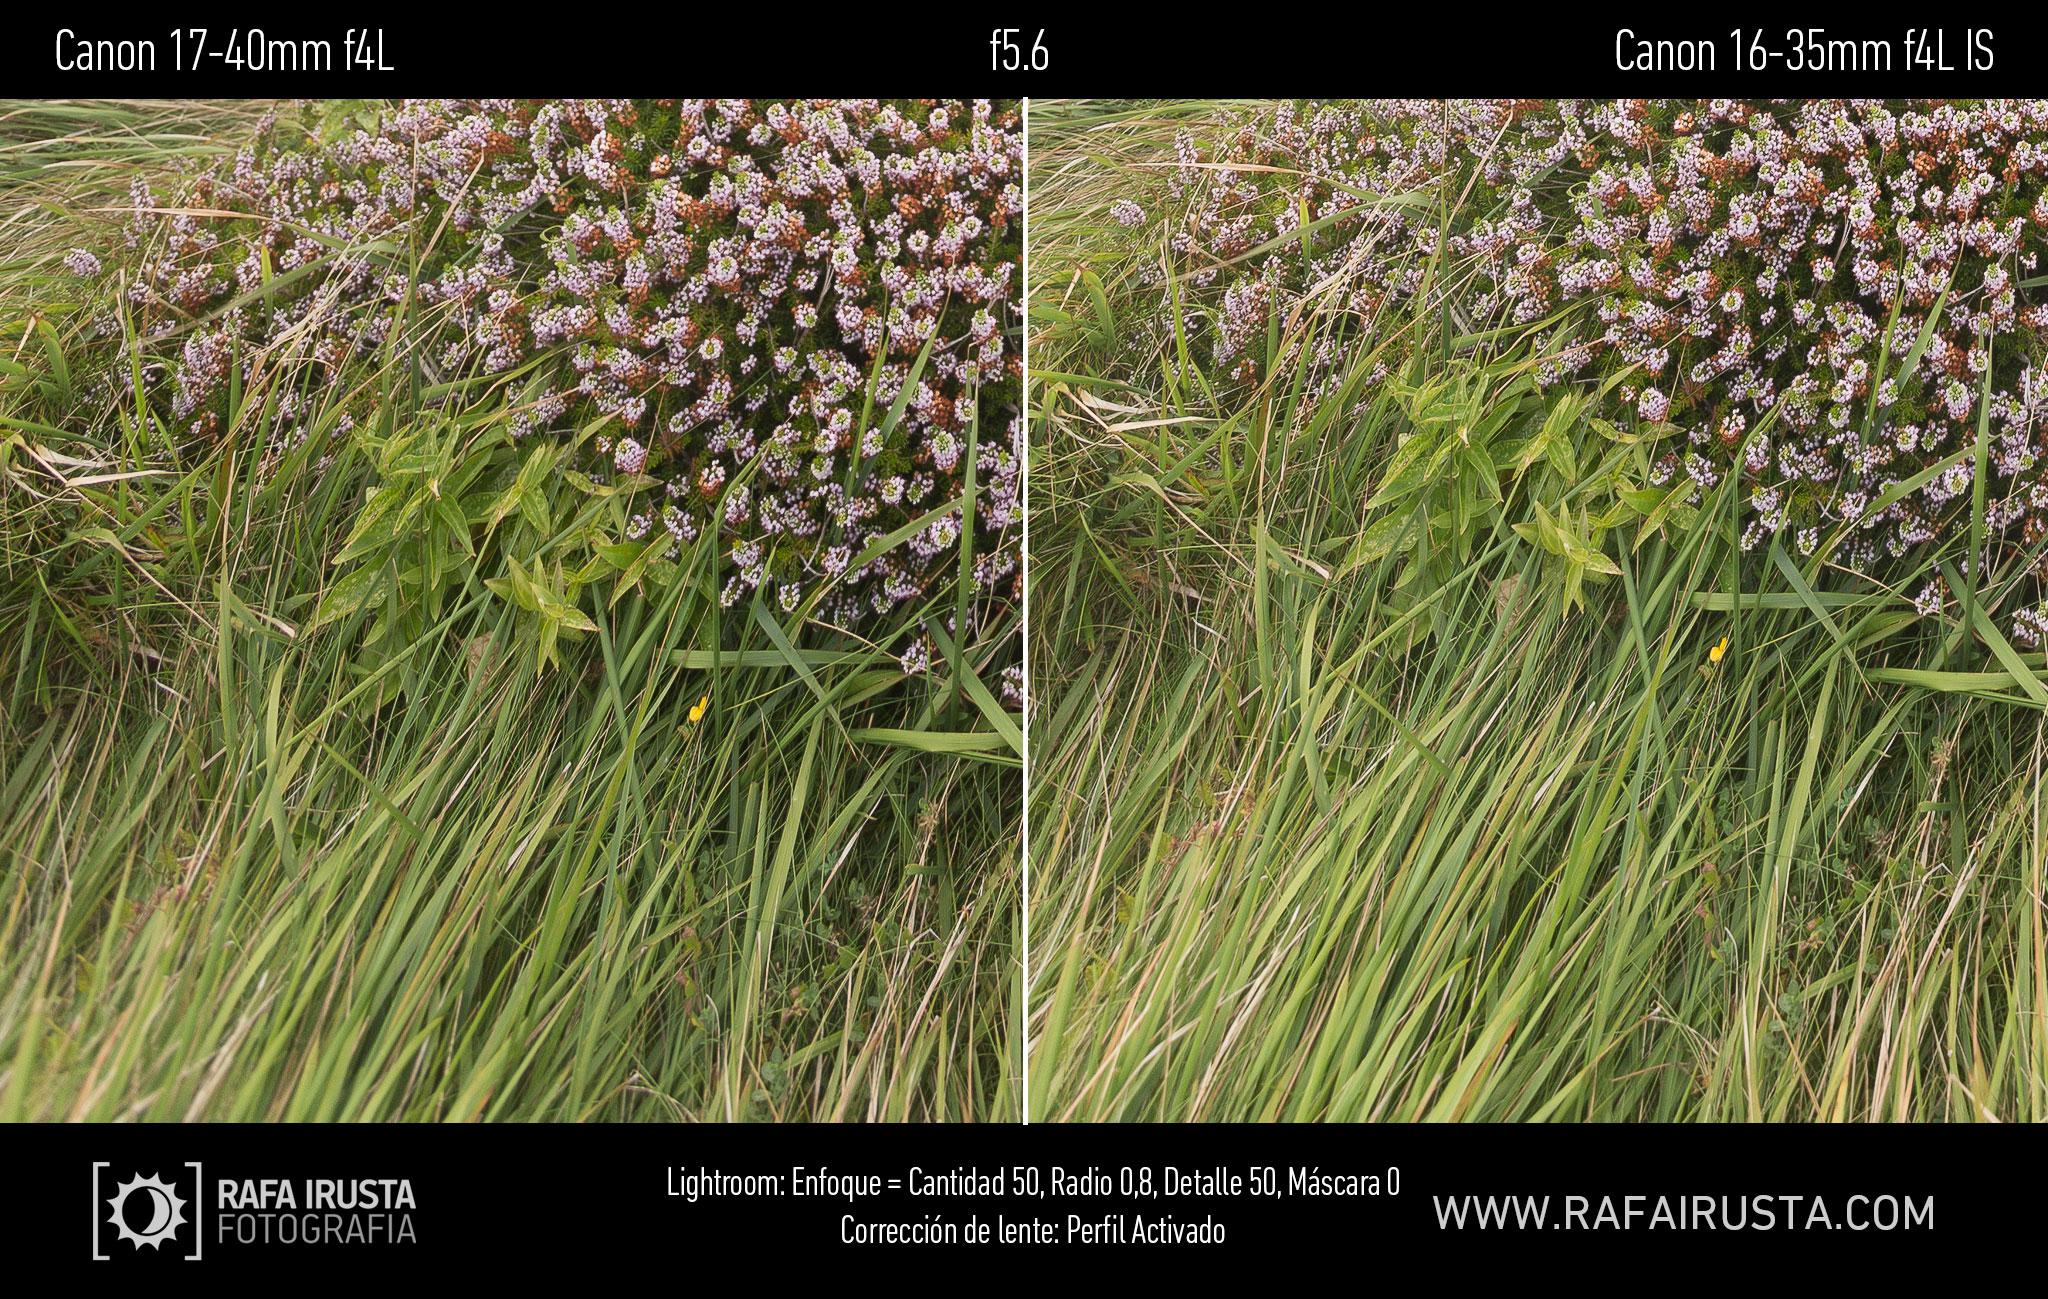 Prueba Canon 16-35mm f/4L IS, comparativa 17-40 vs 16-35 con enfoque y con ajuste de perfil, f5.6